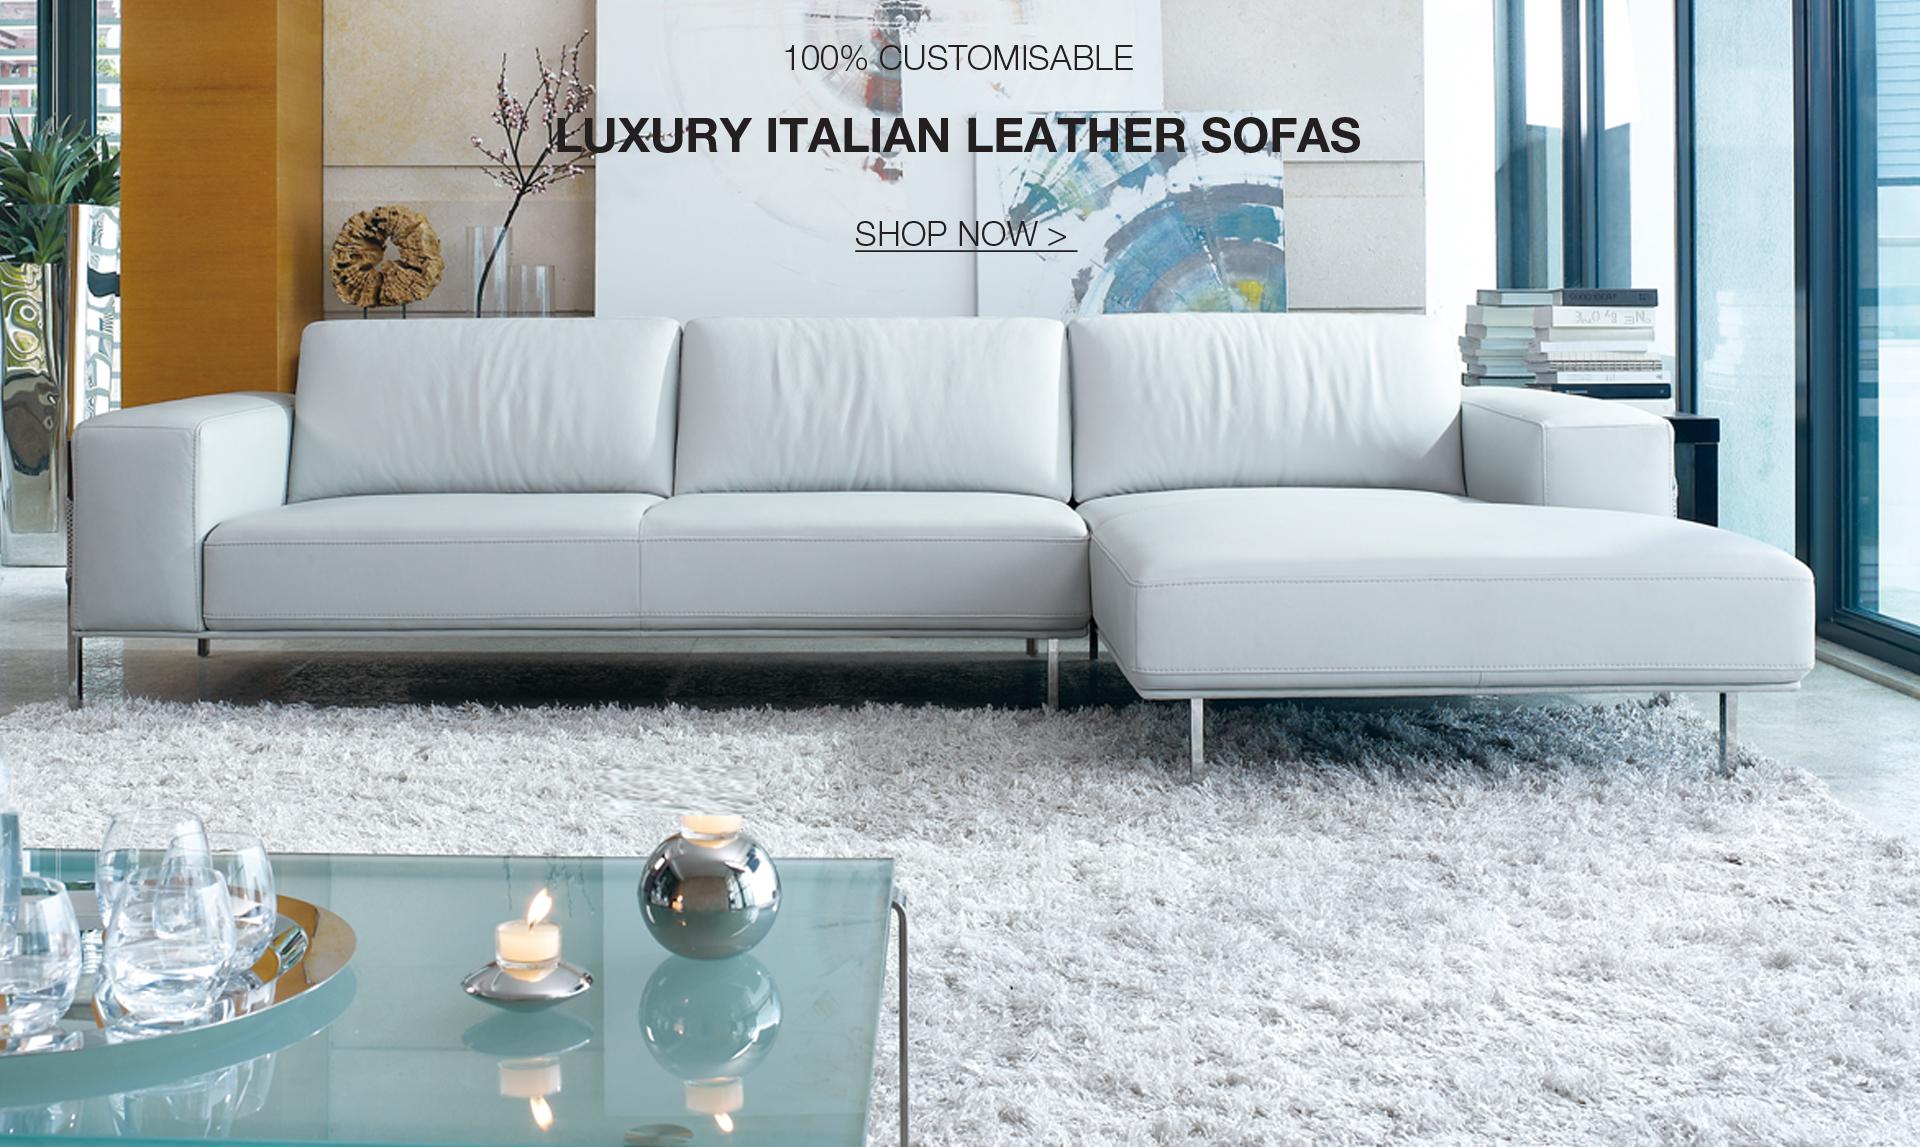 LUXURY-LEATHER-SOFAS-4